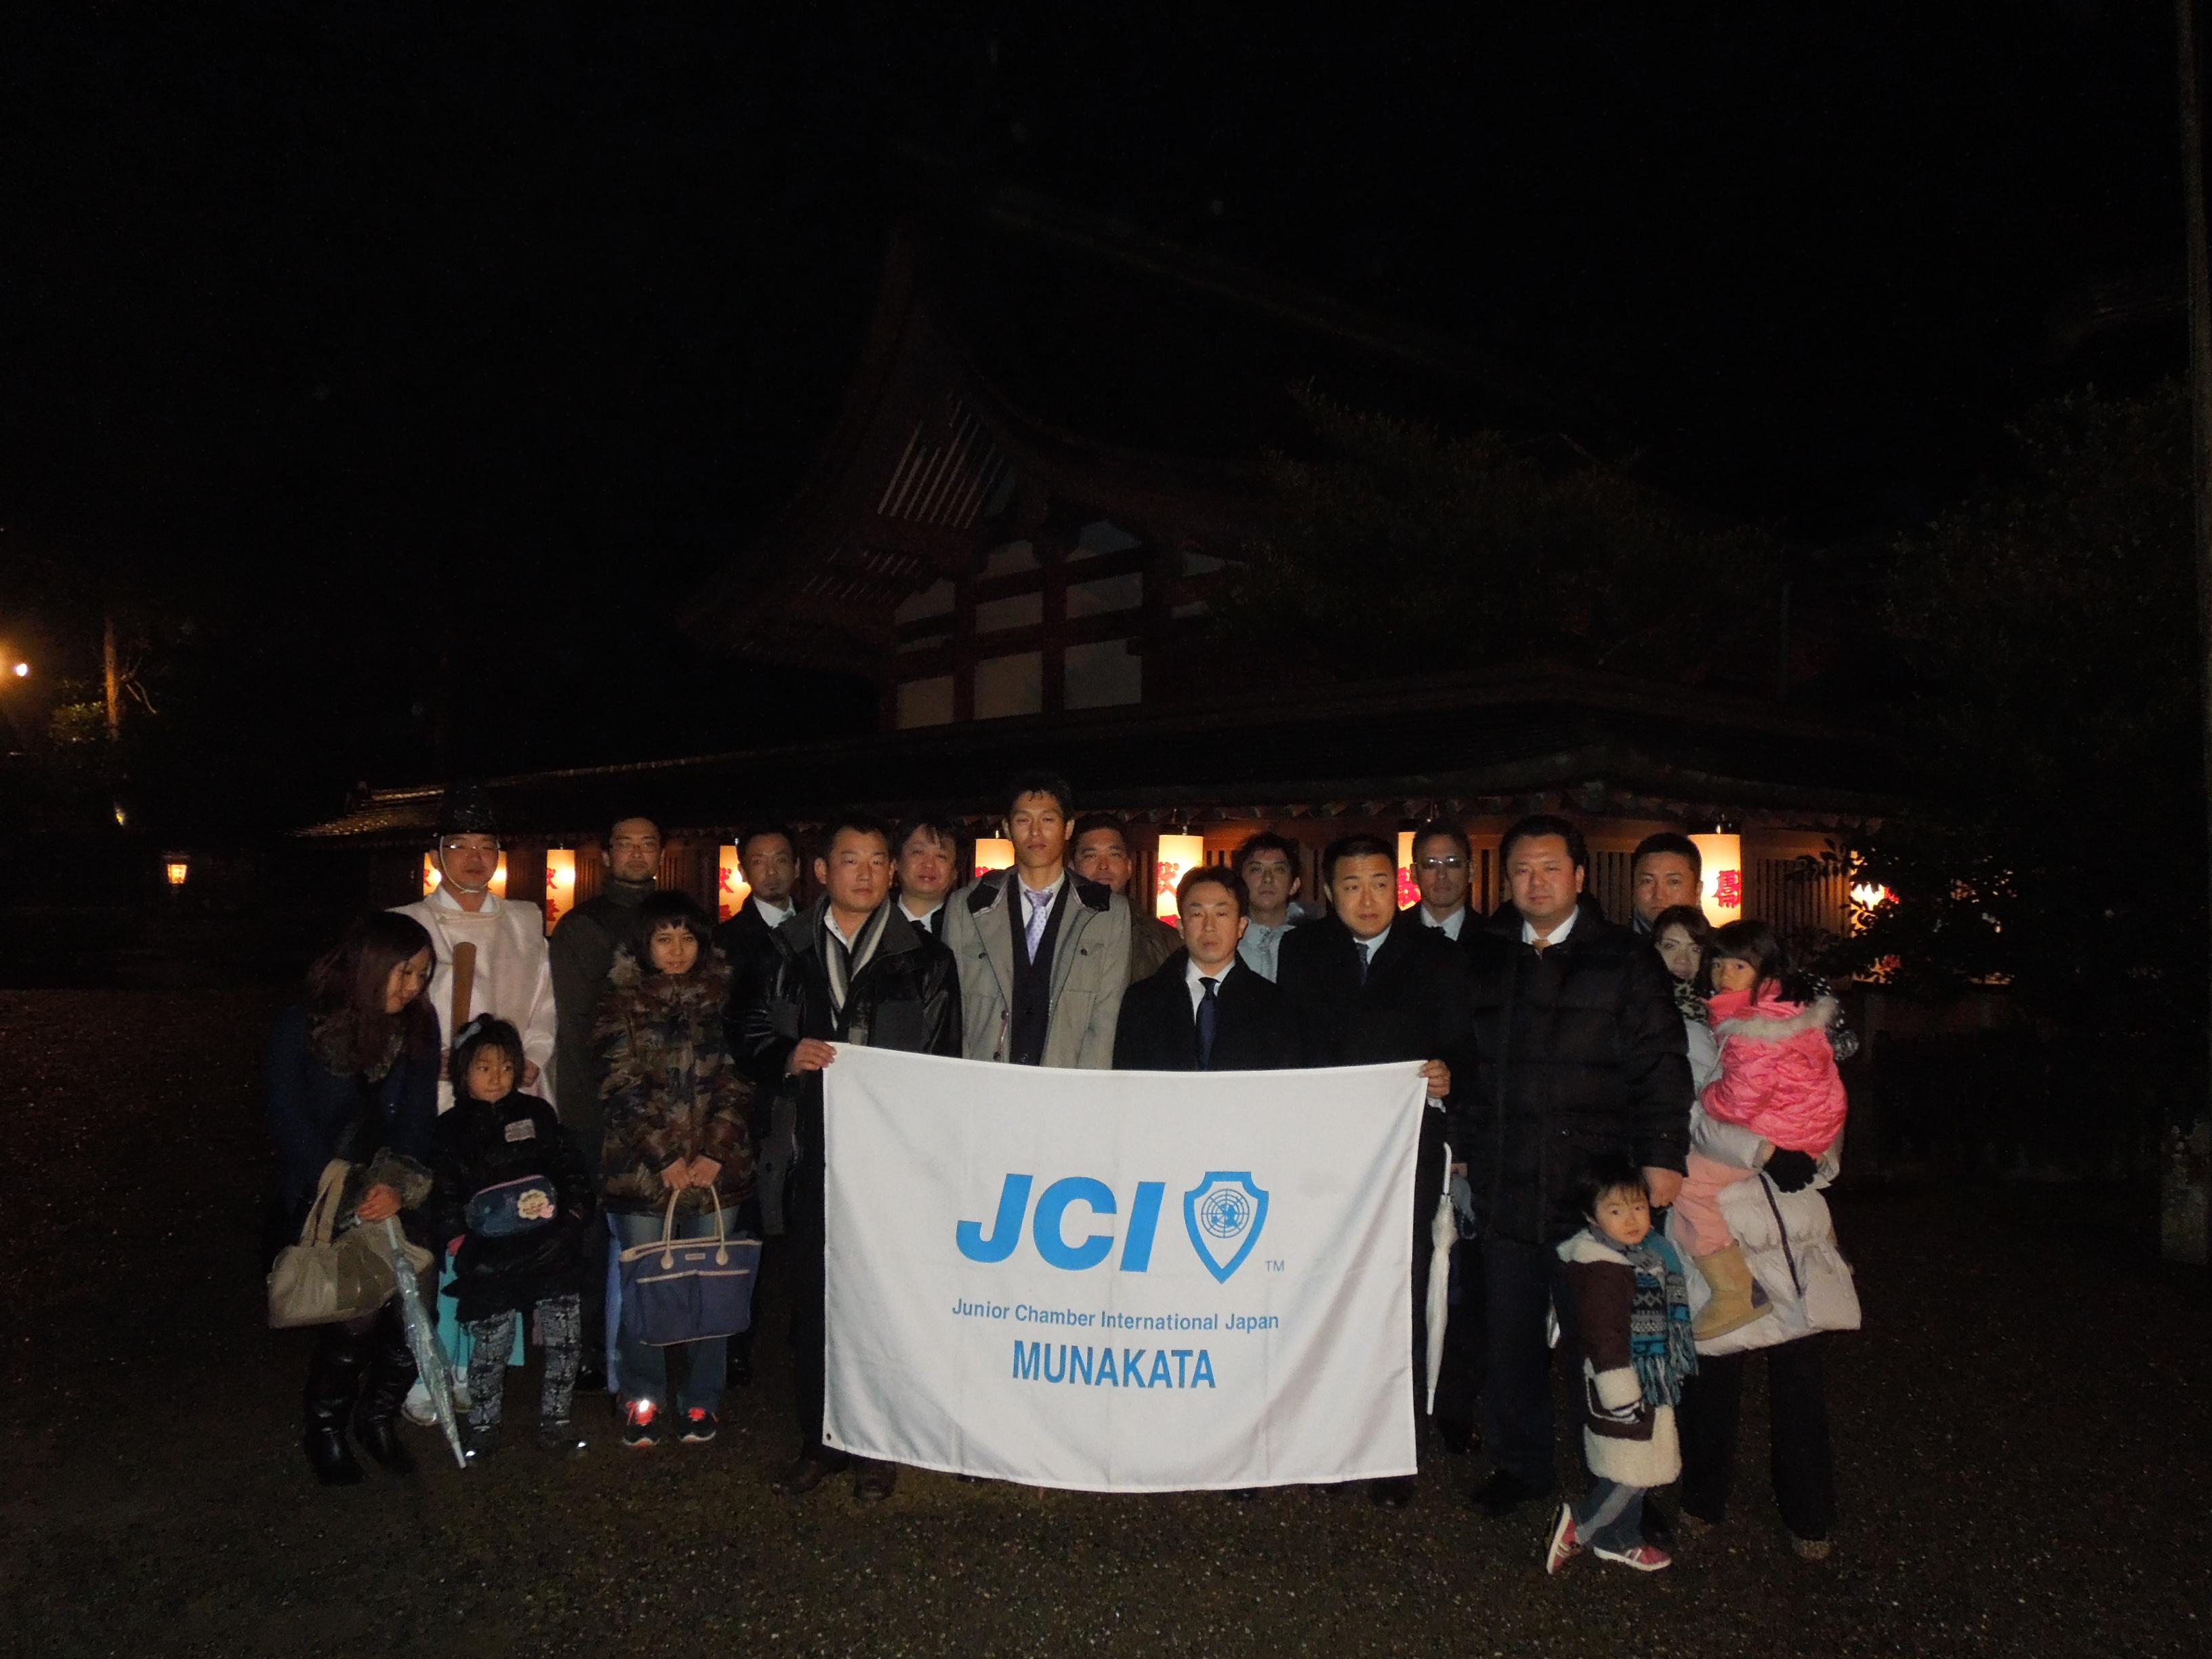 http://www.munakatajc.com/active/2012/01/02/DSCN0087.JPG